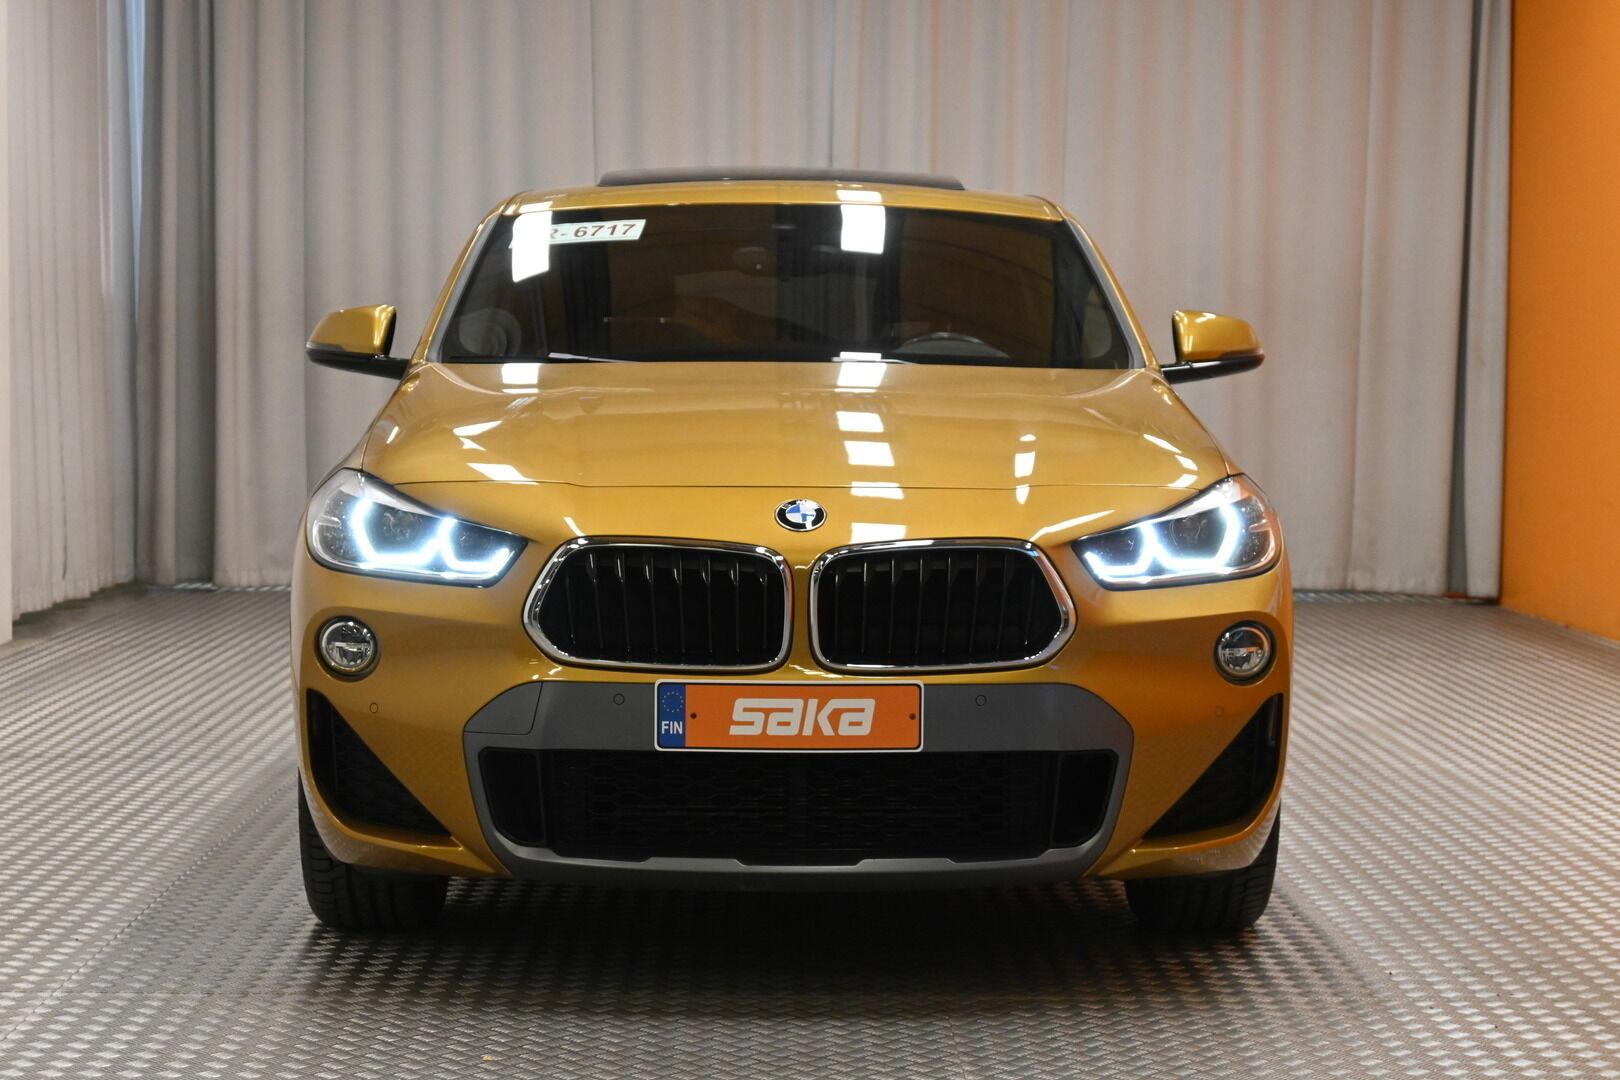 Keltainen Maastoauto, BMW X2 – KON-64359, kuva 2